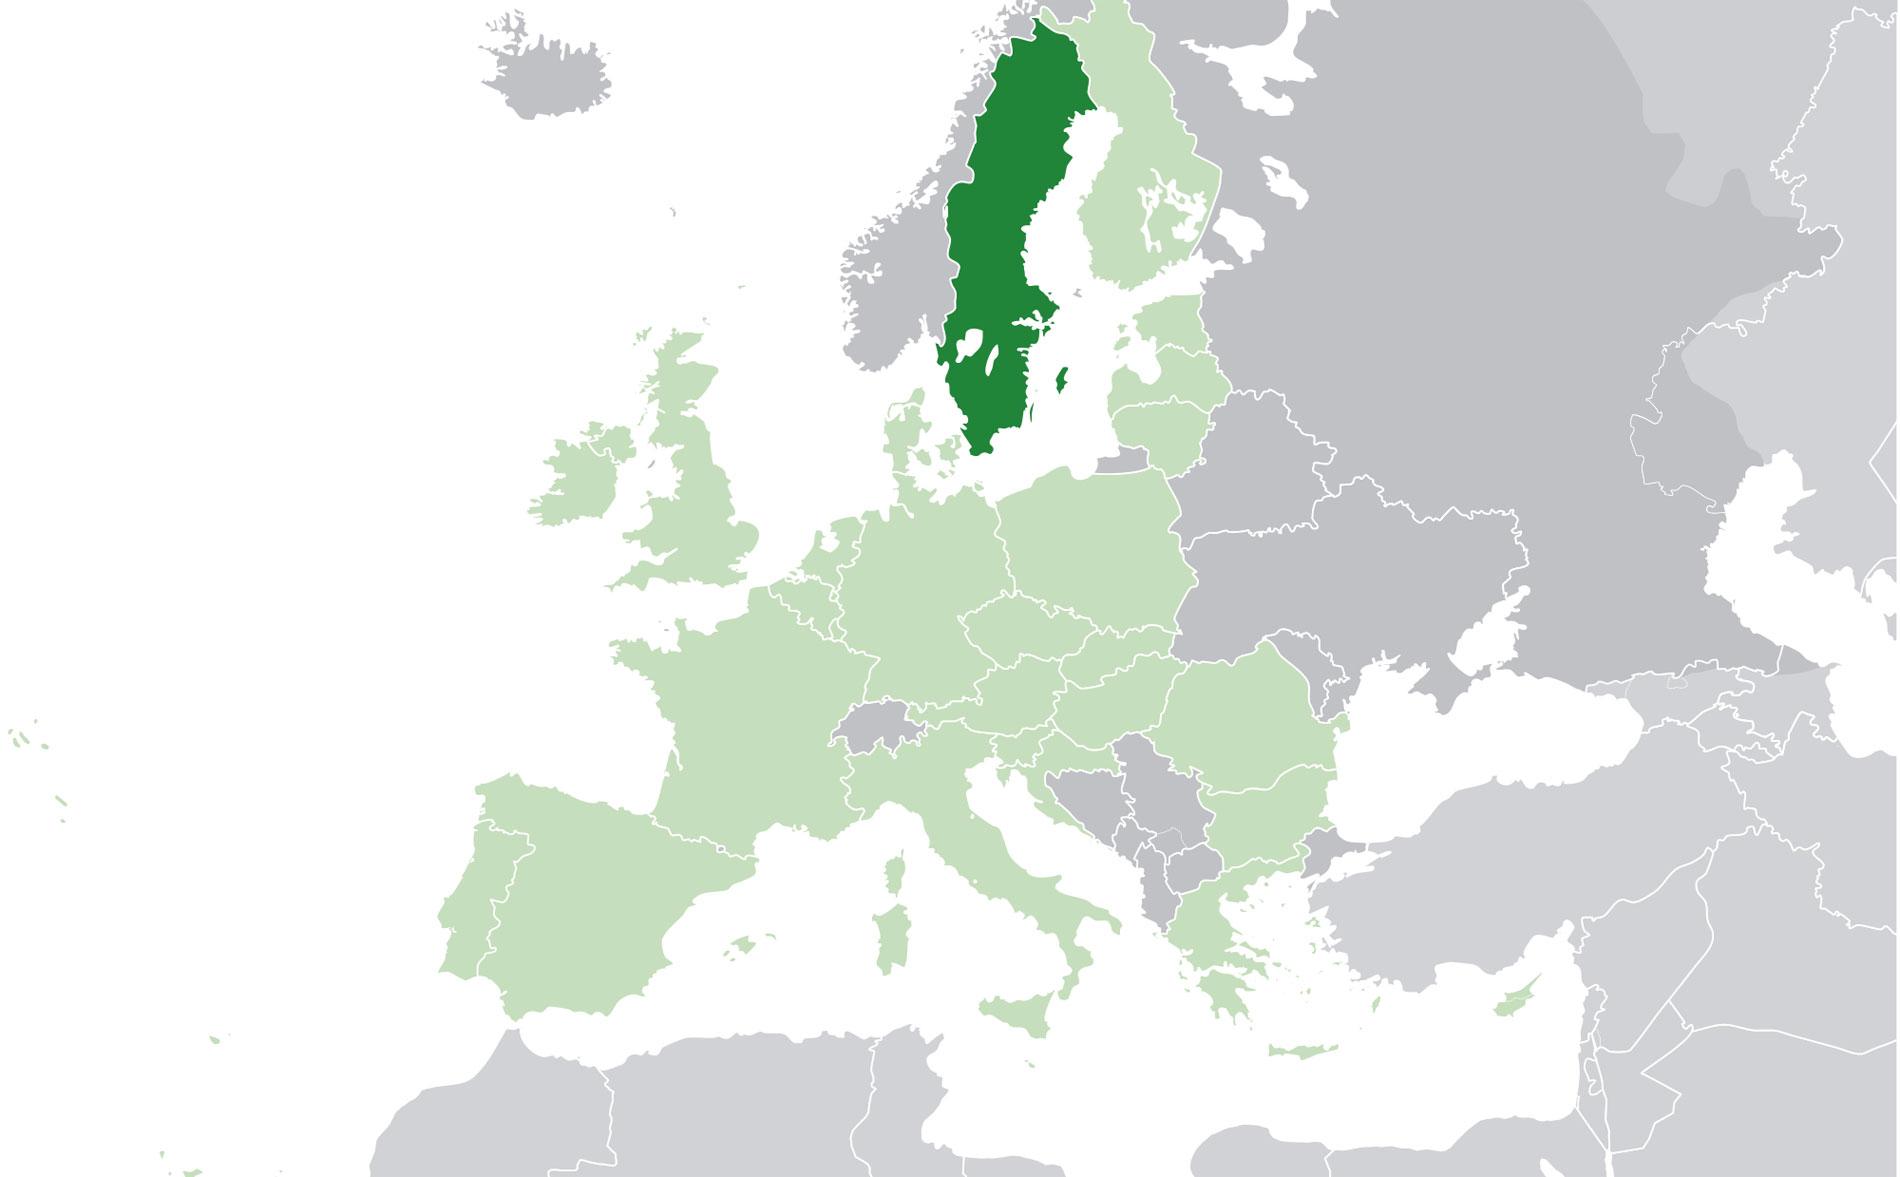 Localización geográfica de Suecia